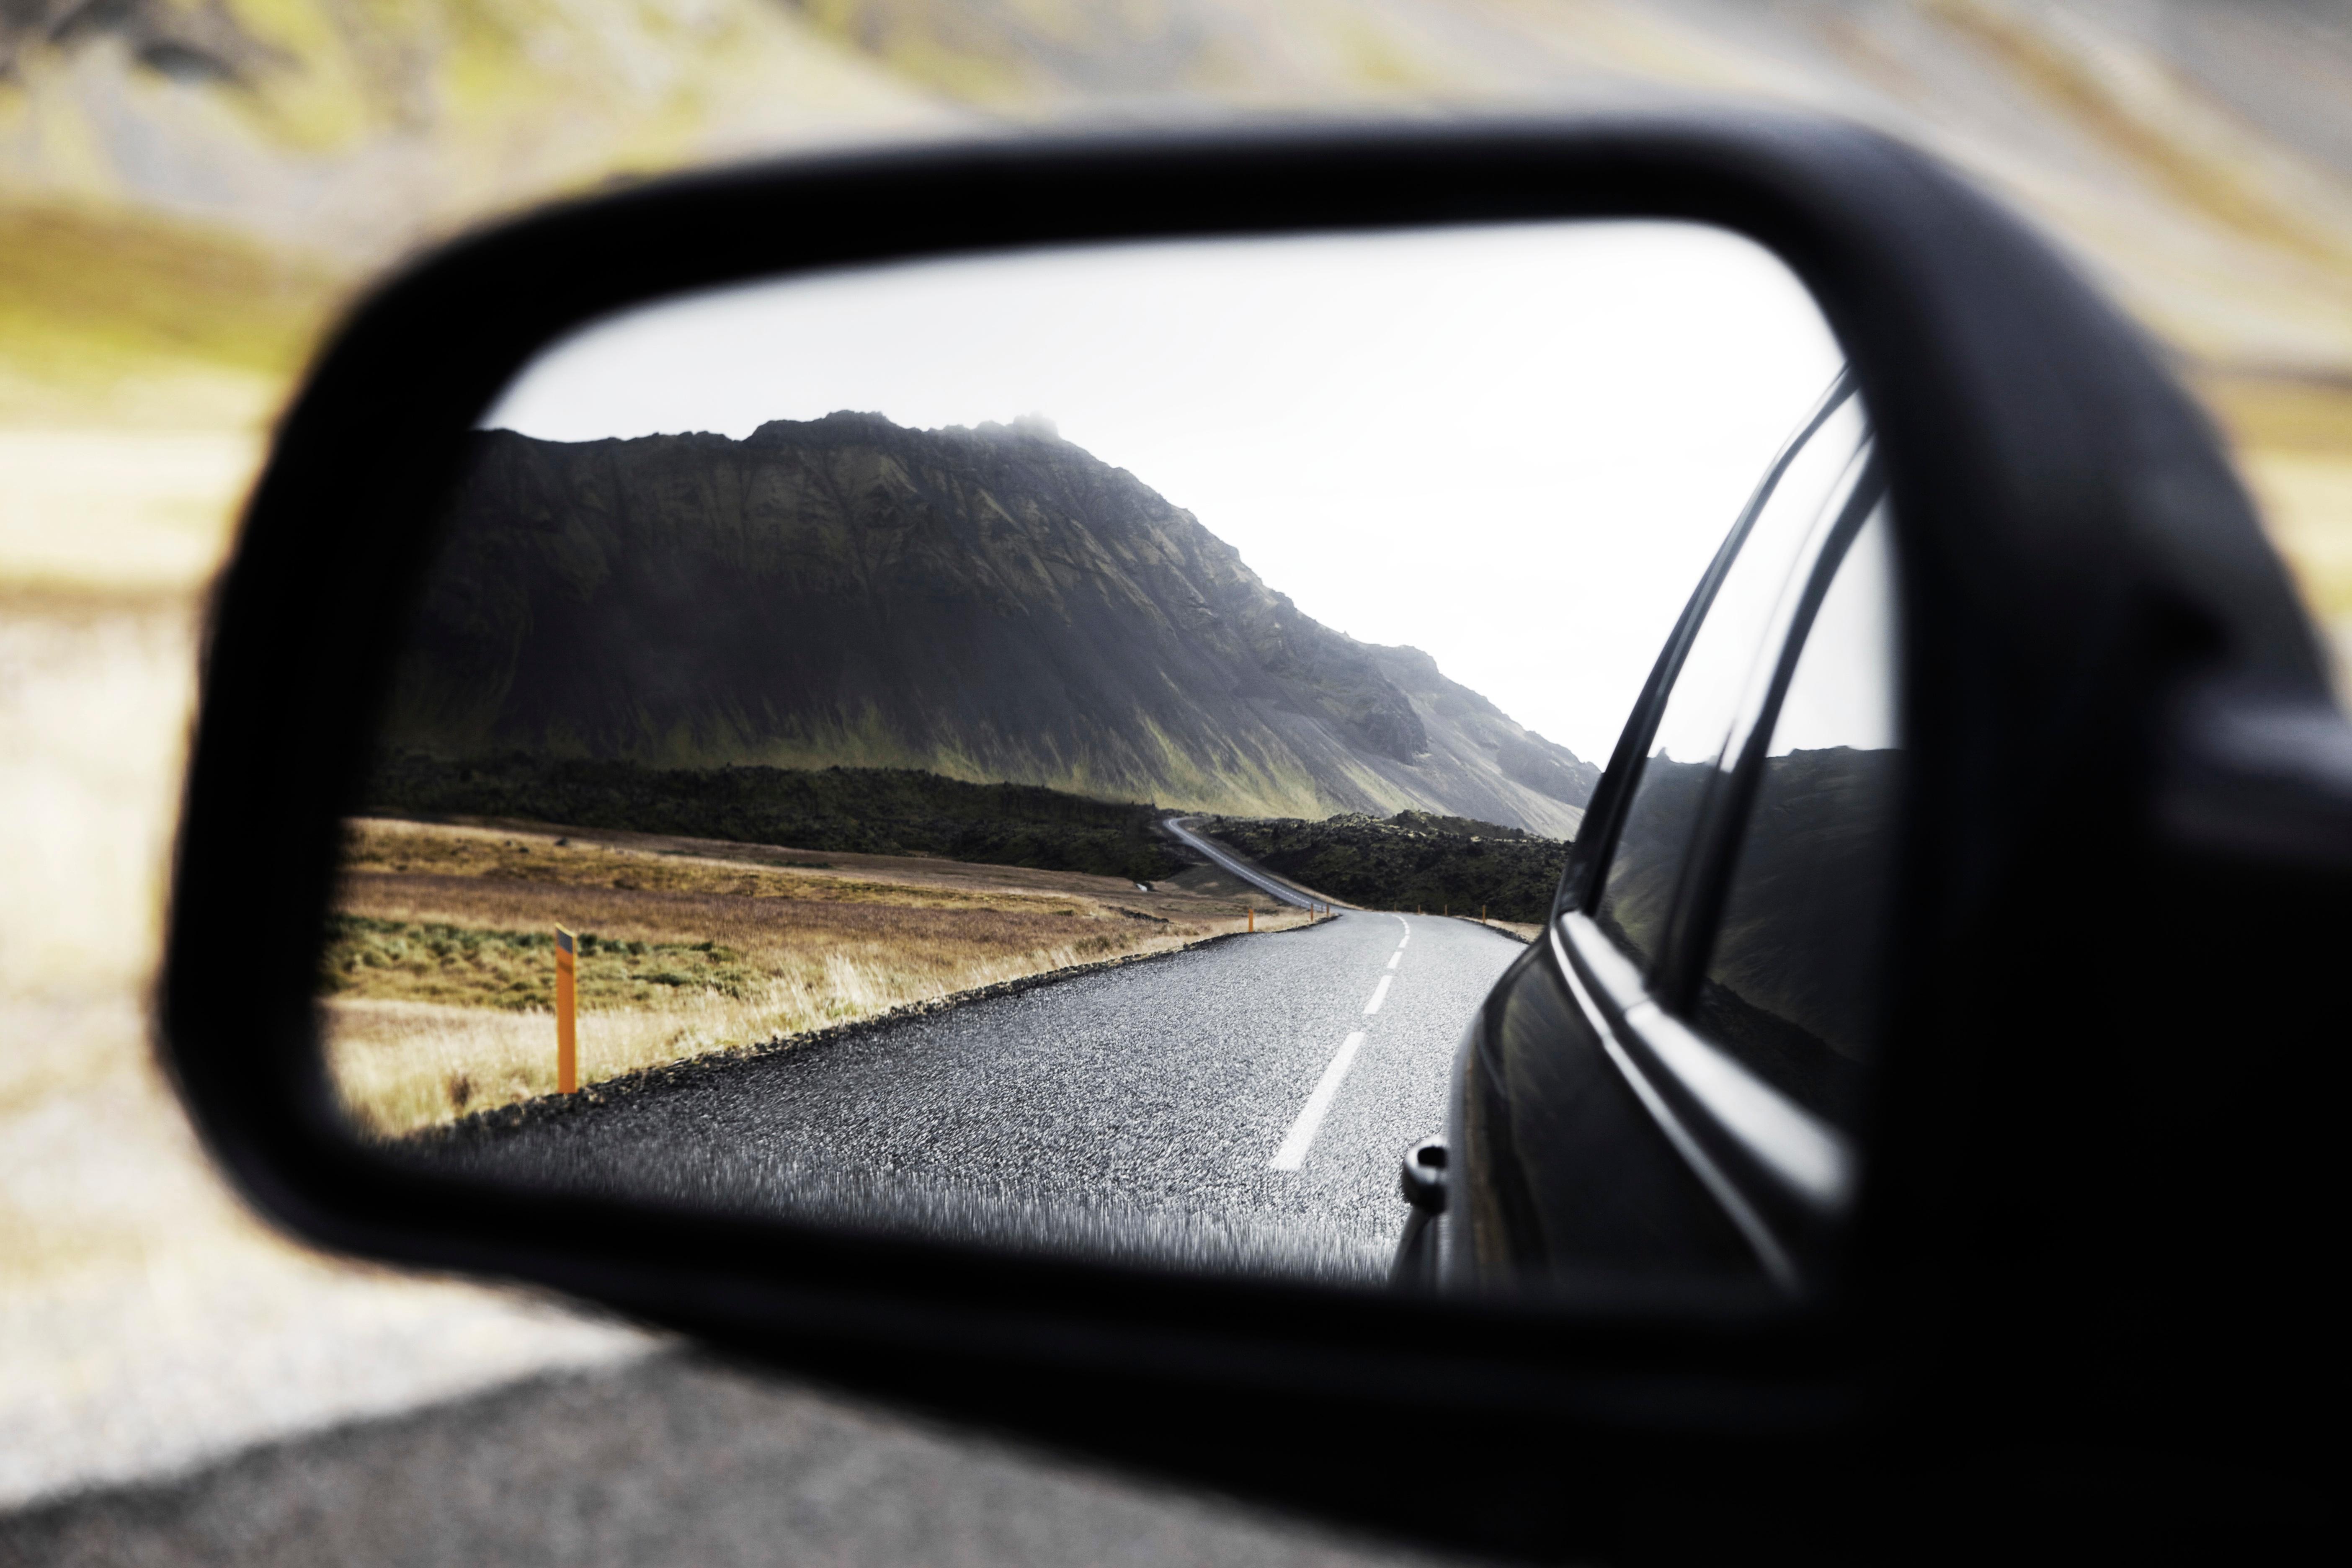 Kostenlose foto : Straße, Auto, Rad, Fenster, Glas, Fahren